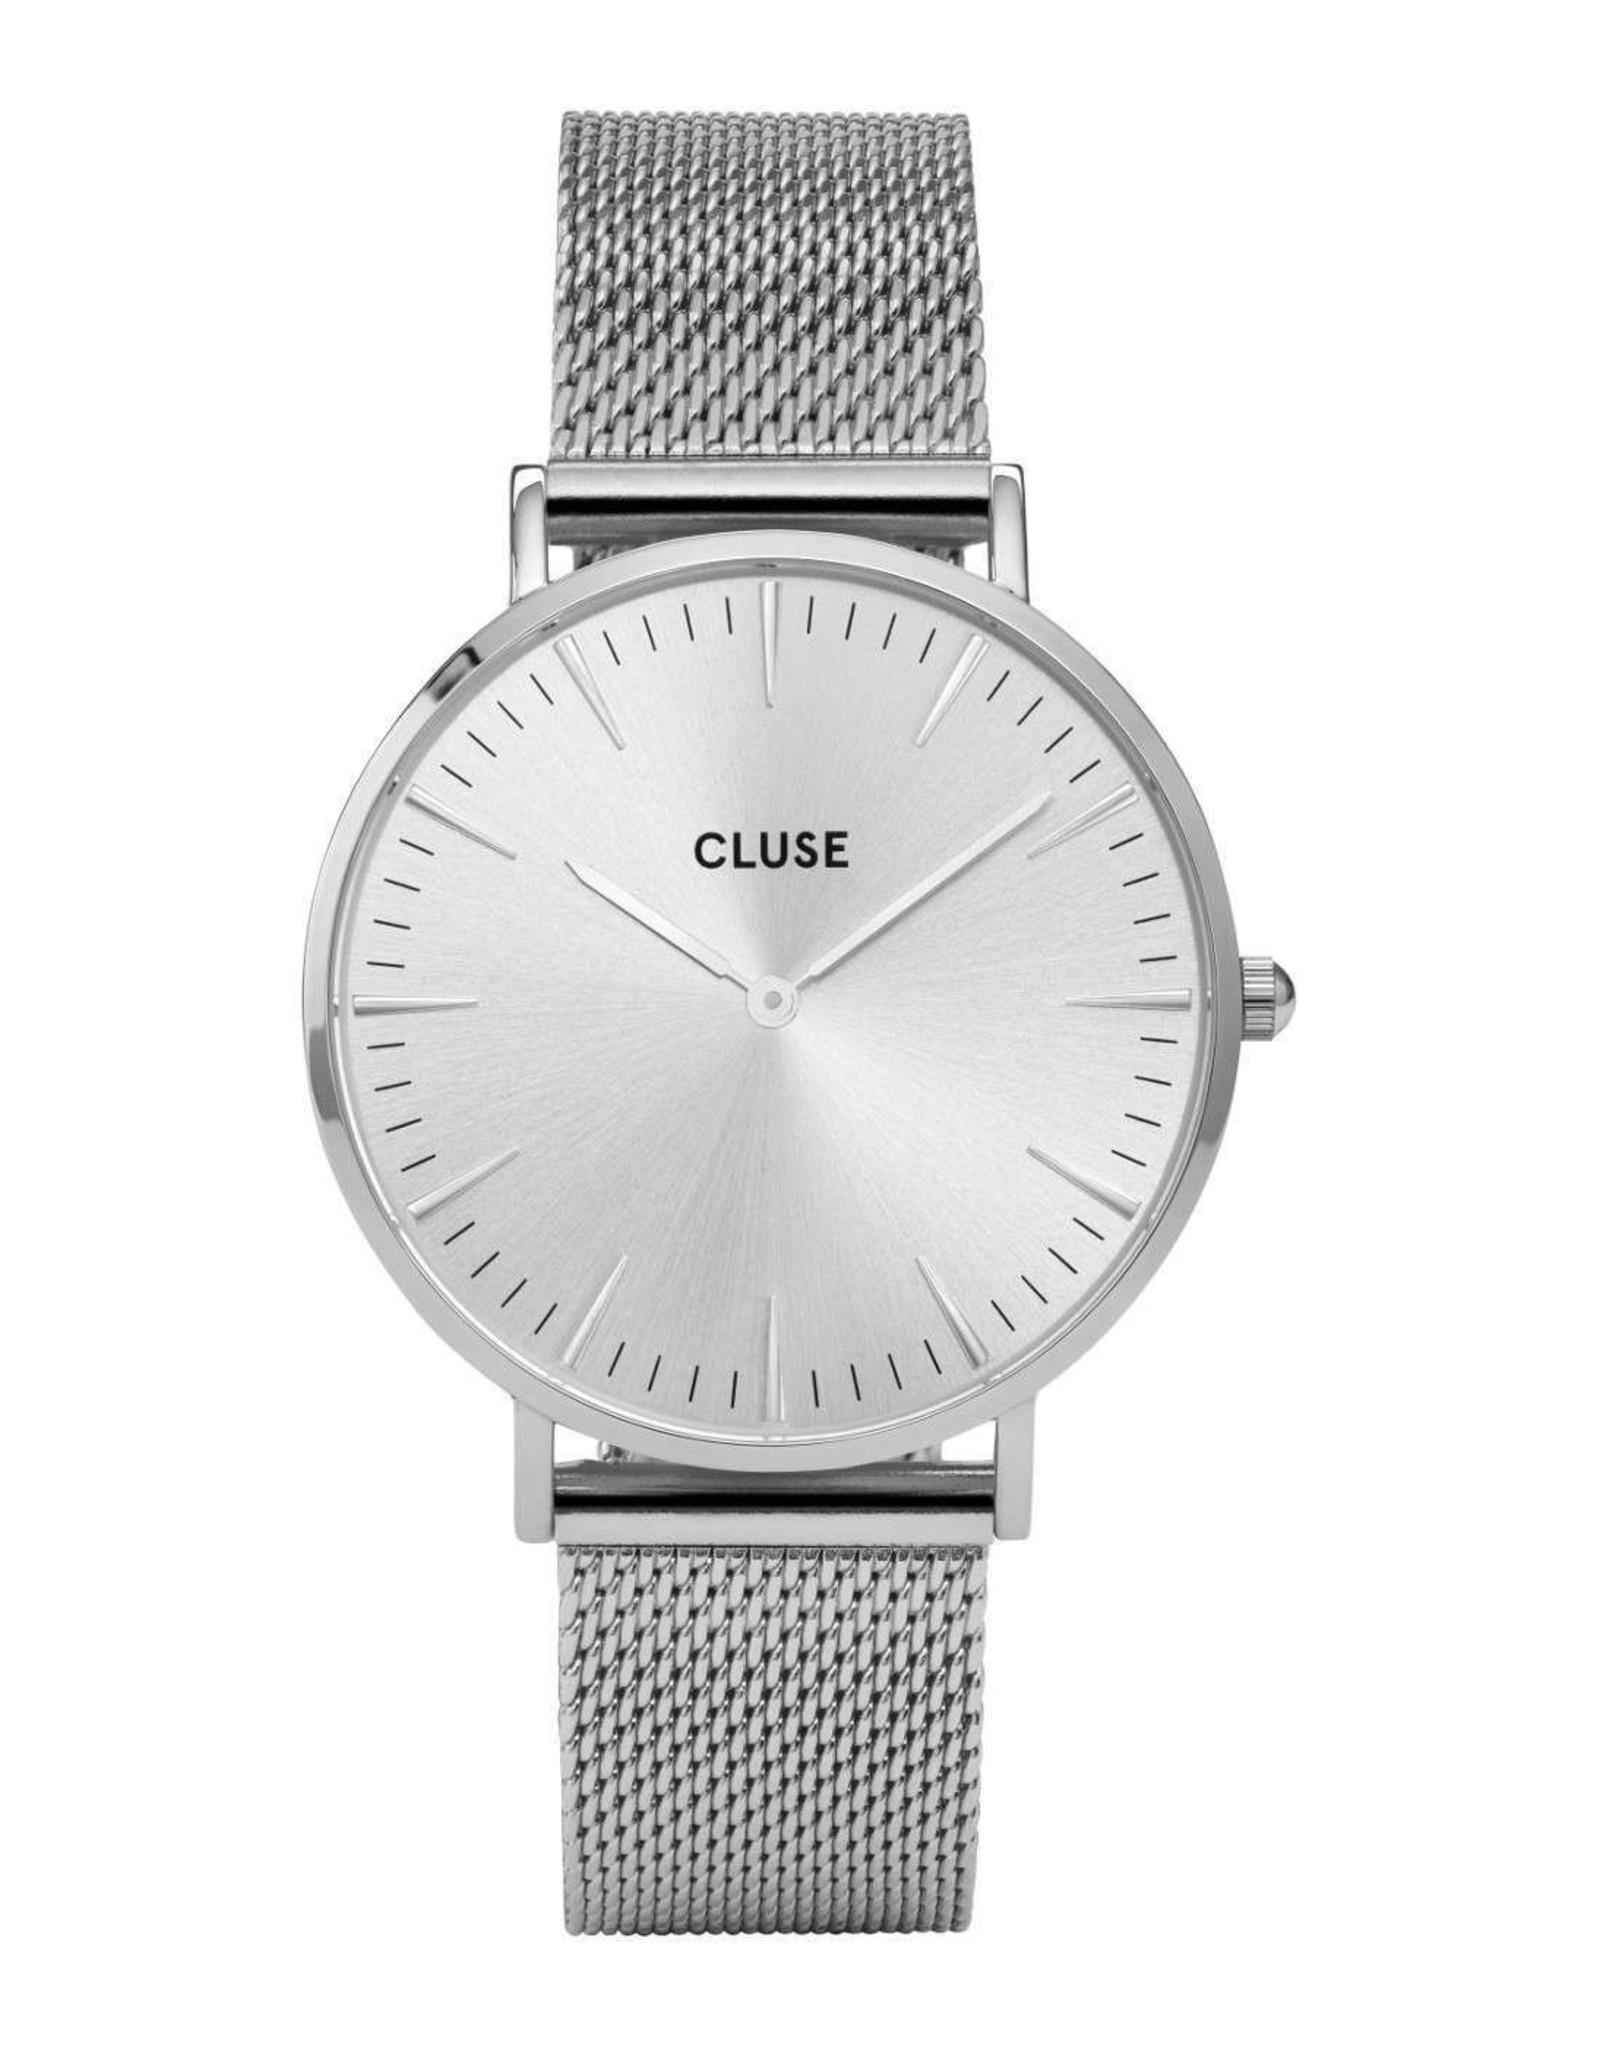 Cluse Boho Chic Silver, Silver/Silver